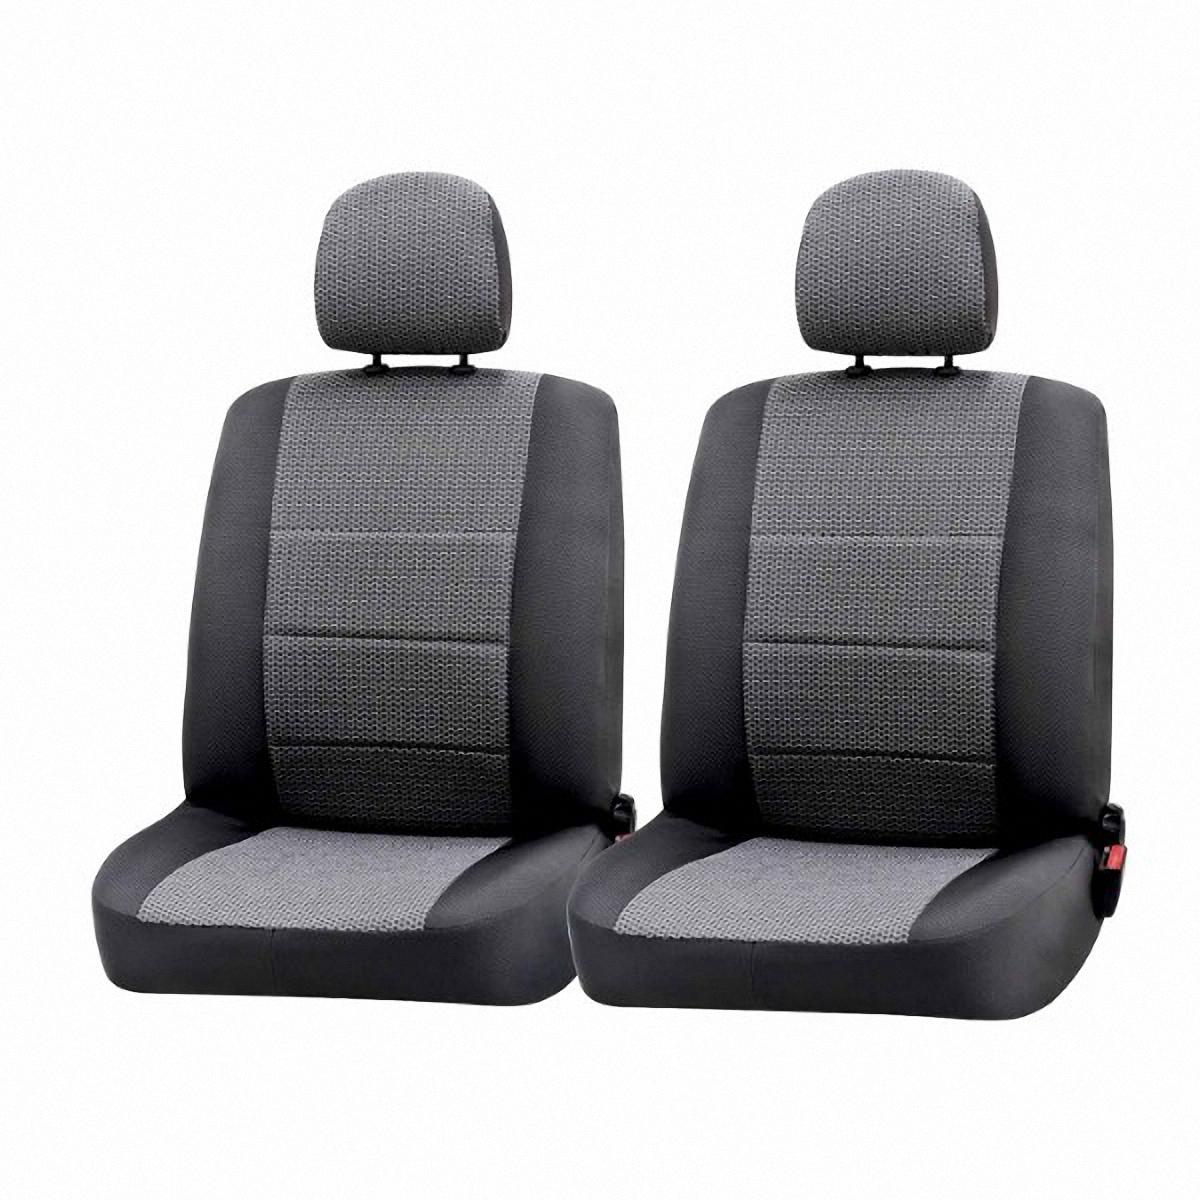 Чехлы автомобильные Skyway, для Renault Sandero 2009-2014, хэтчбек21395598Автомобильные чехлы Skyway изготовлены из качественного жаккарда. Чехлы идеально повторяют штатную форму сидений и выглядят как оригинальная обивка сидений. Разработаны индивидуально для каждой модели автомобиля. Авточехлы Skyway просты в уходе - загрязнения легко удаляются влажной тканью. Чехлы имеют раздельную схему надевания. В комплекте 11 предметов.